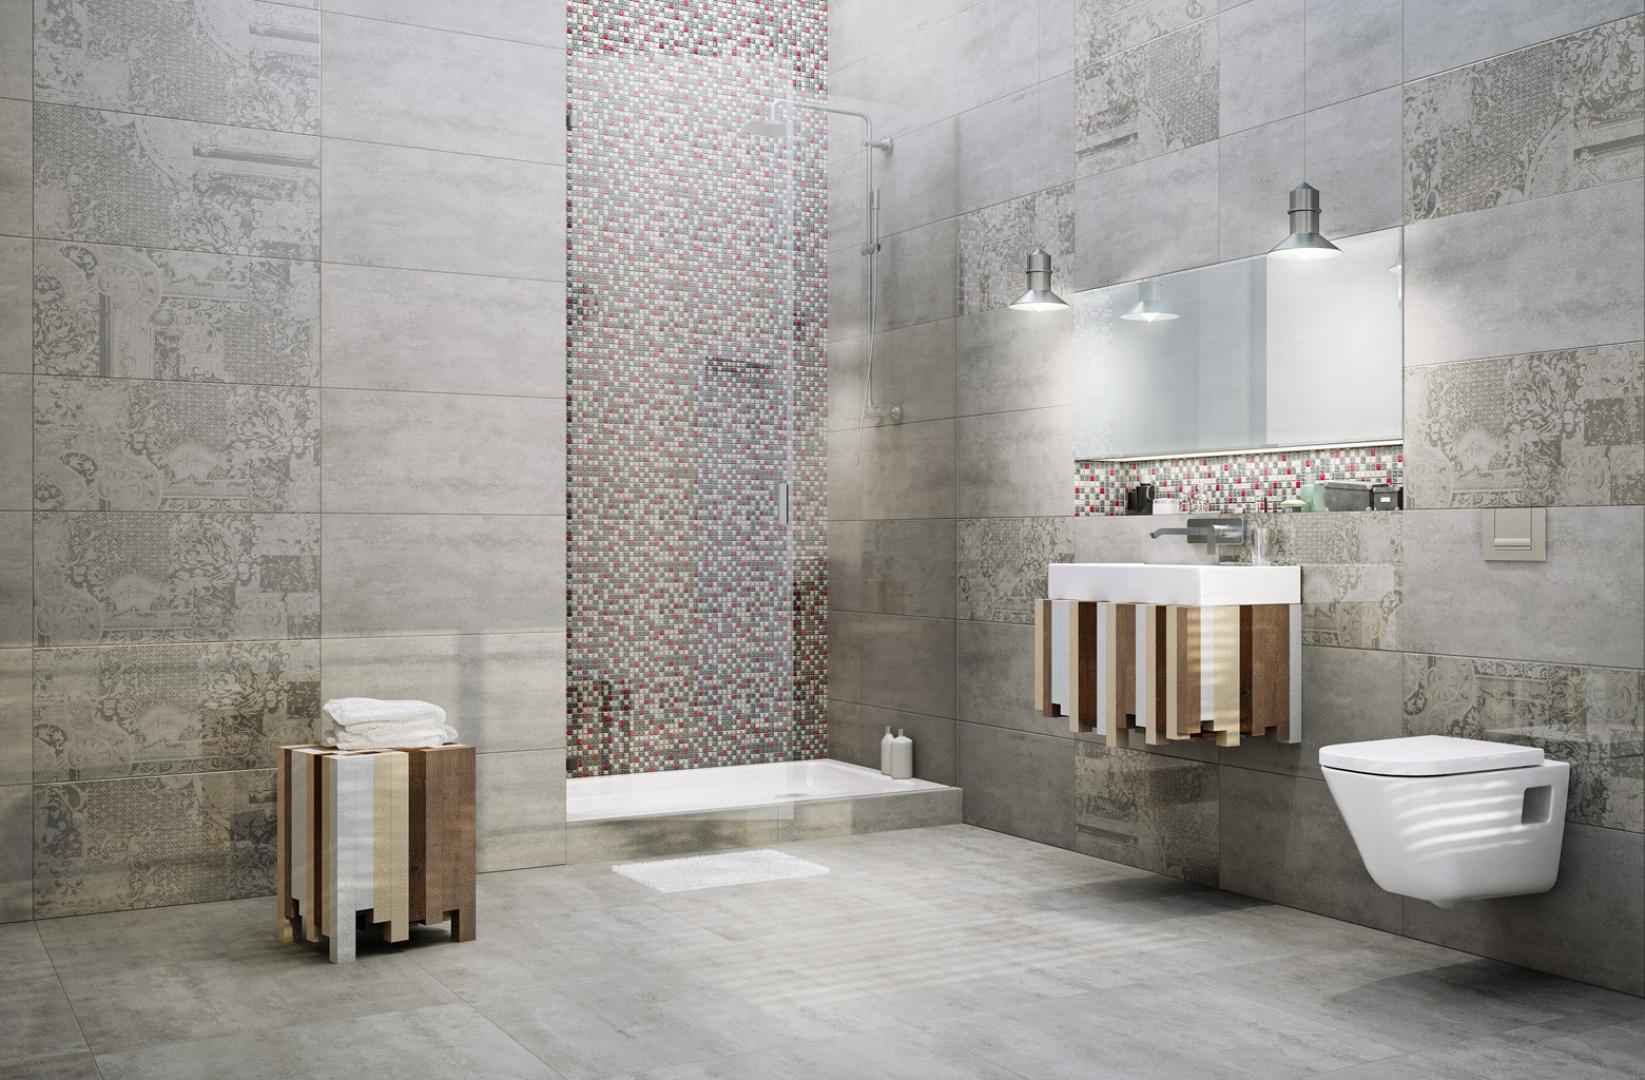 Płytki z kolekcji Loft doskonale sprawdzą się w łazienkach i salonach kąpielowych osób, które marzą o nowoczesnych, artystycznych wnętrzach w klimacie starej fabryki. Fot. Ceramstic.